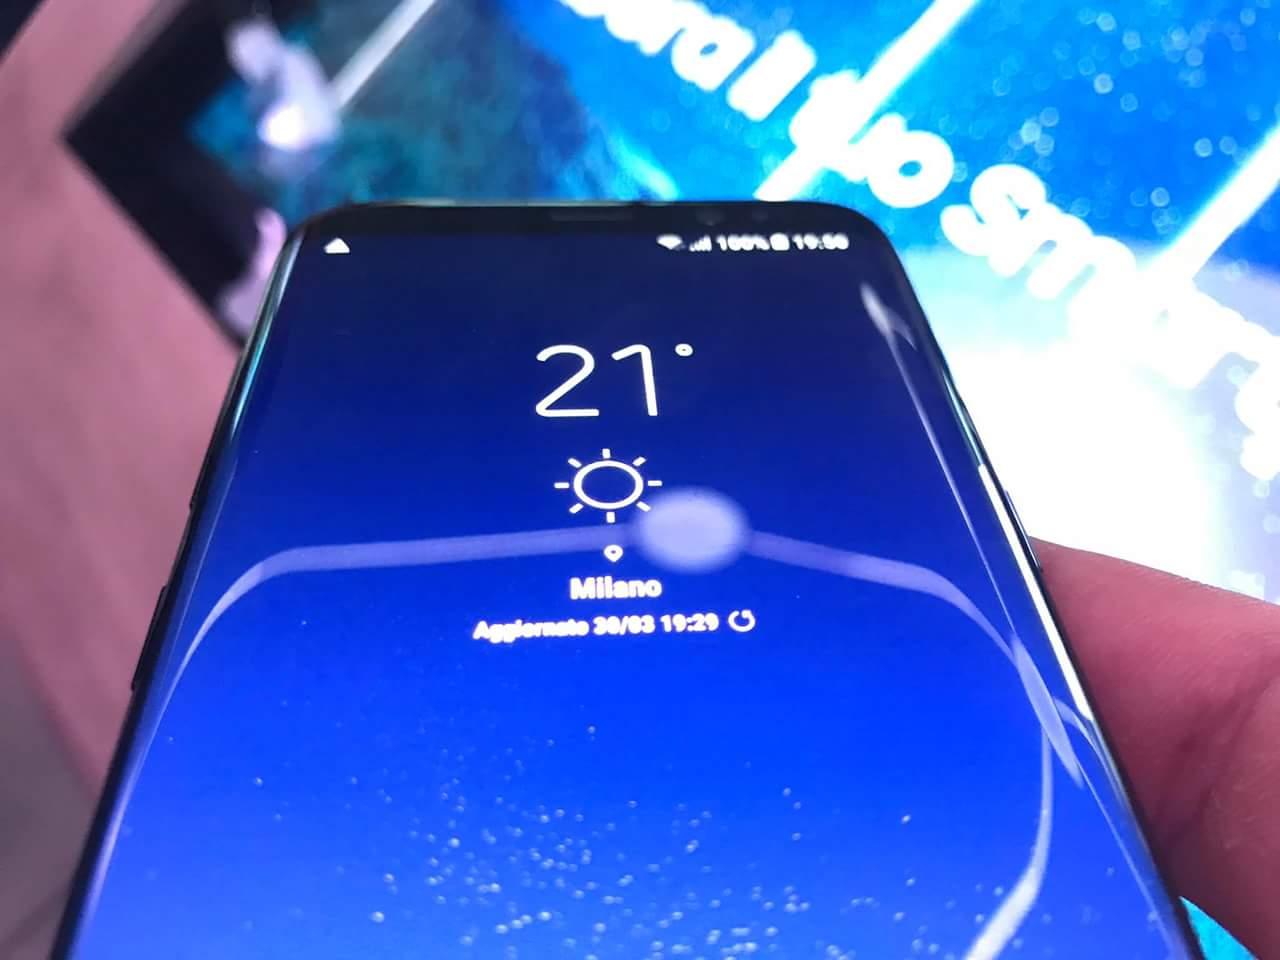 Ecco Gli Sfondi Di Samsung S8 Pronti Al Download Lo Smilzoblog